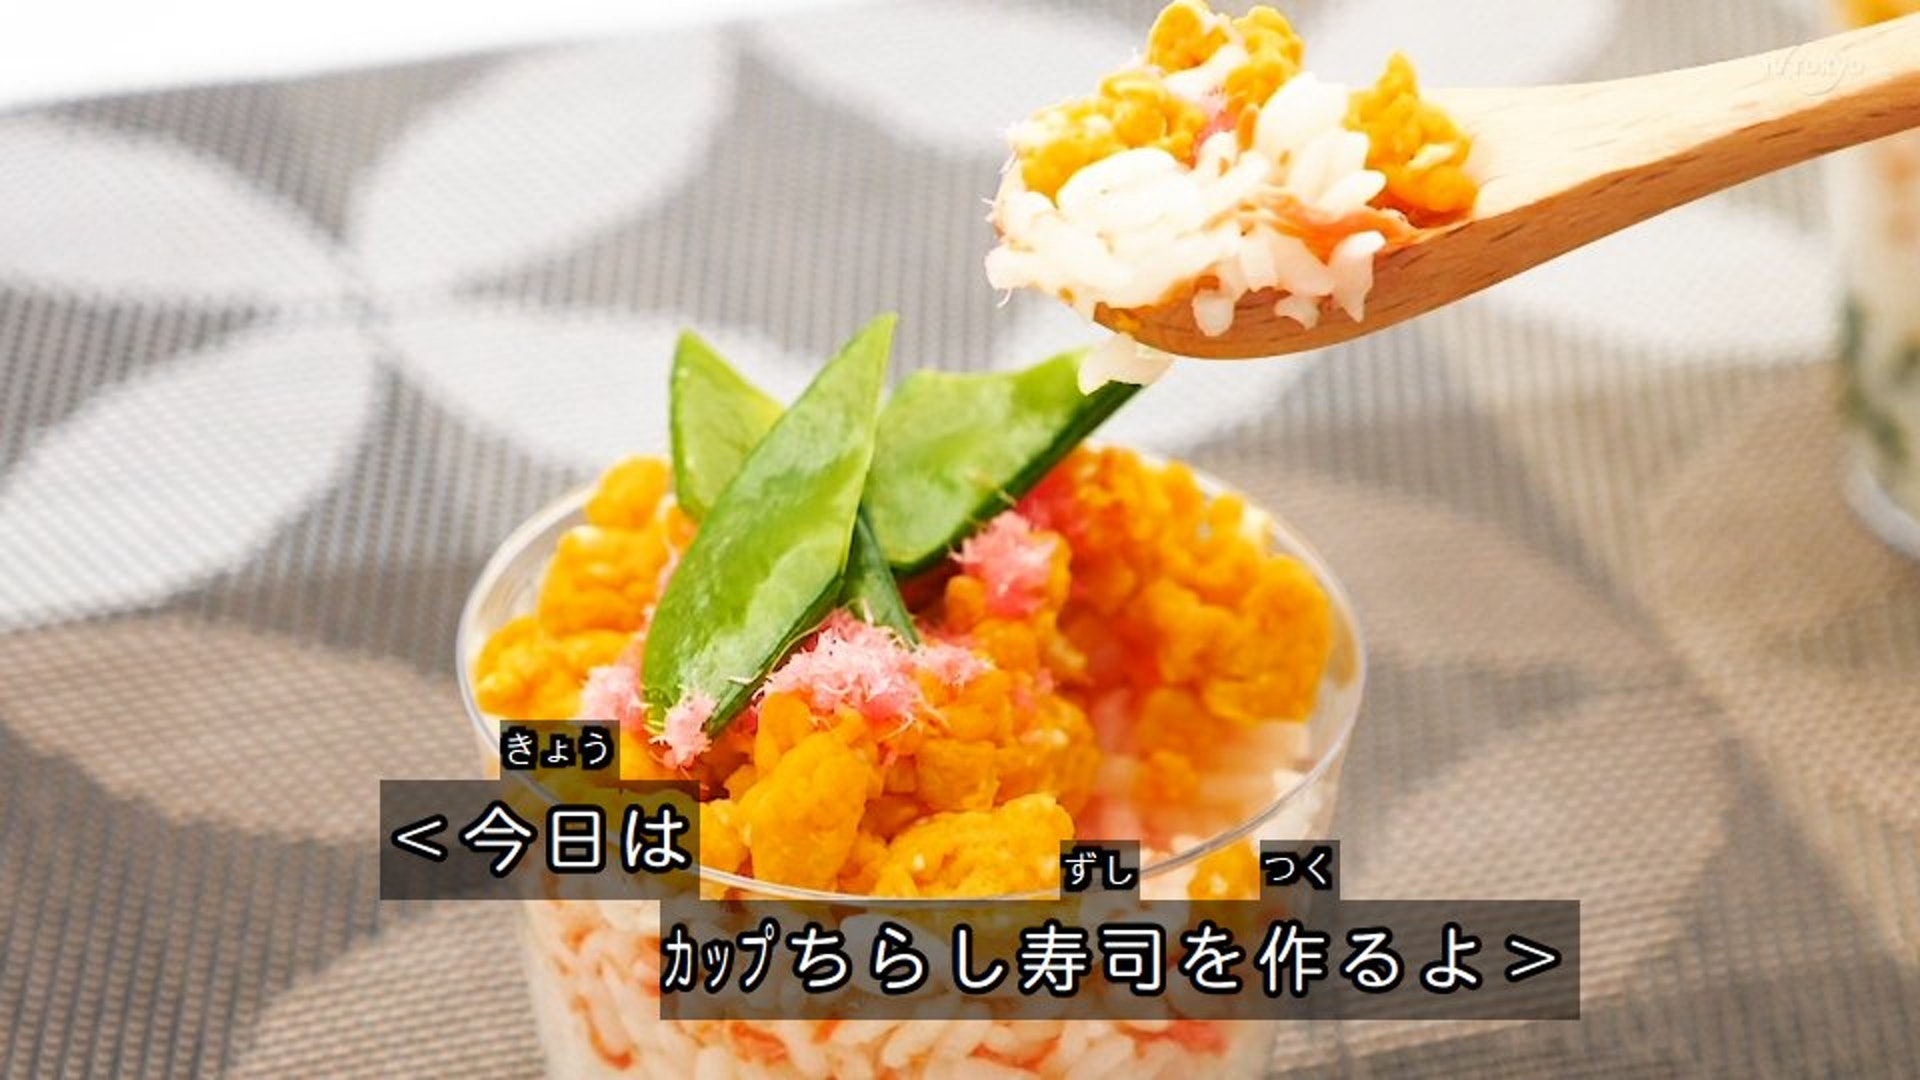 東京電視台「最強傳說」再次被打破!